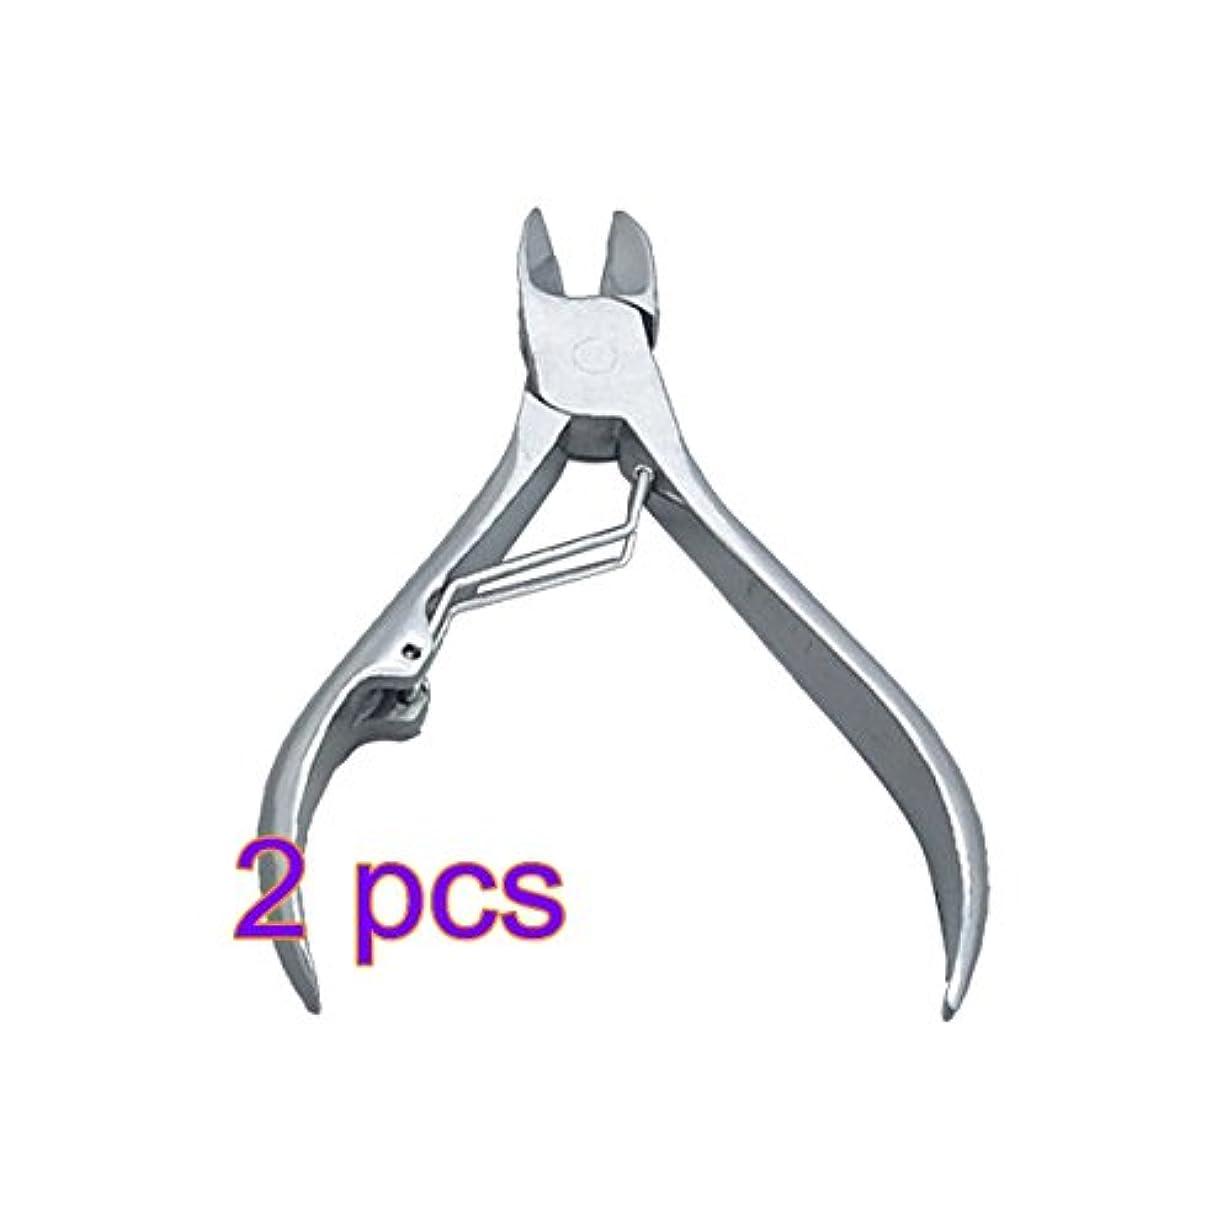 料理効率的に原子炉Firlar 爪切り ニッパー式爪切り&ゾンデセット 厚い爪/陥入爪/巻き爪などに対応可能 (巻き爪、変形爪、爪周囲炎などに最適) ステンレス製 二個入り